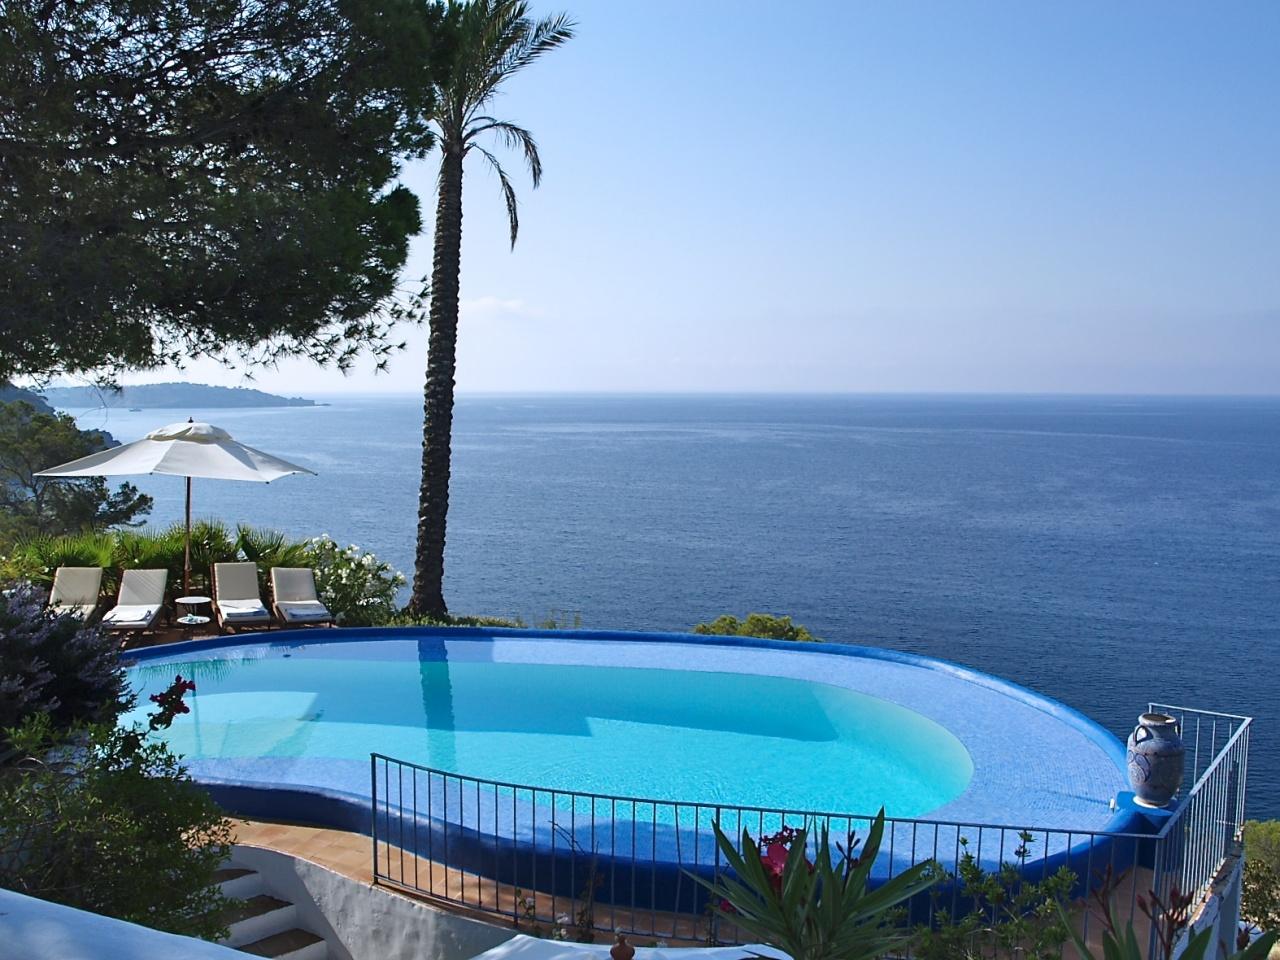 Locations vacances en espagne s jours en villas et maisons de luxe en espagne - Villa de vacances luxe location think ...